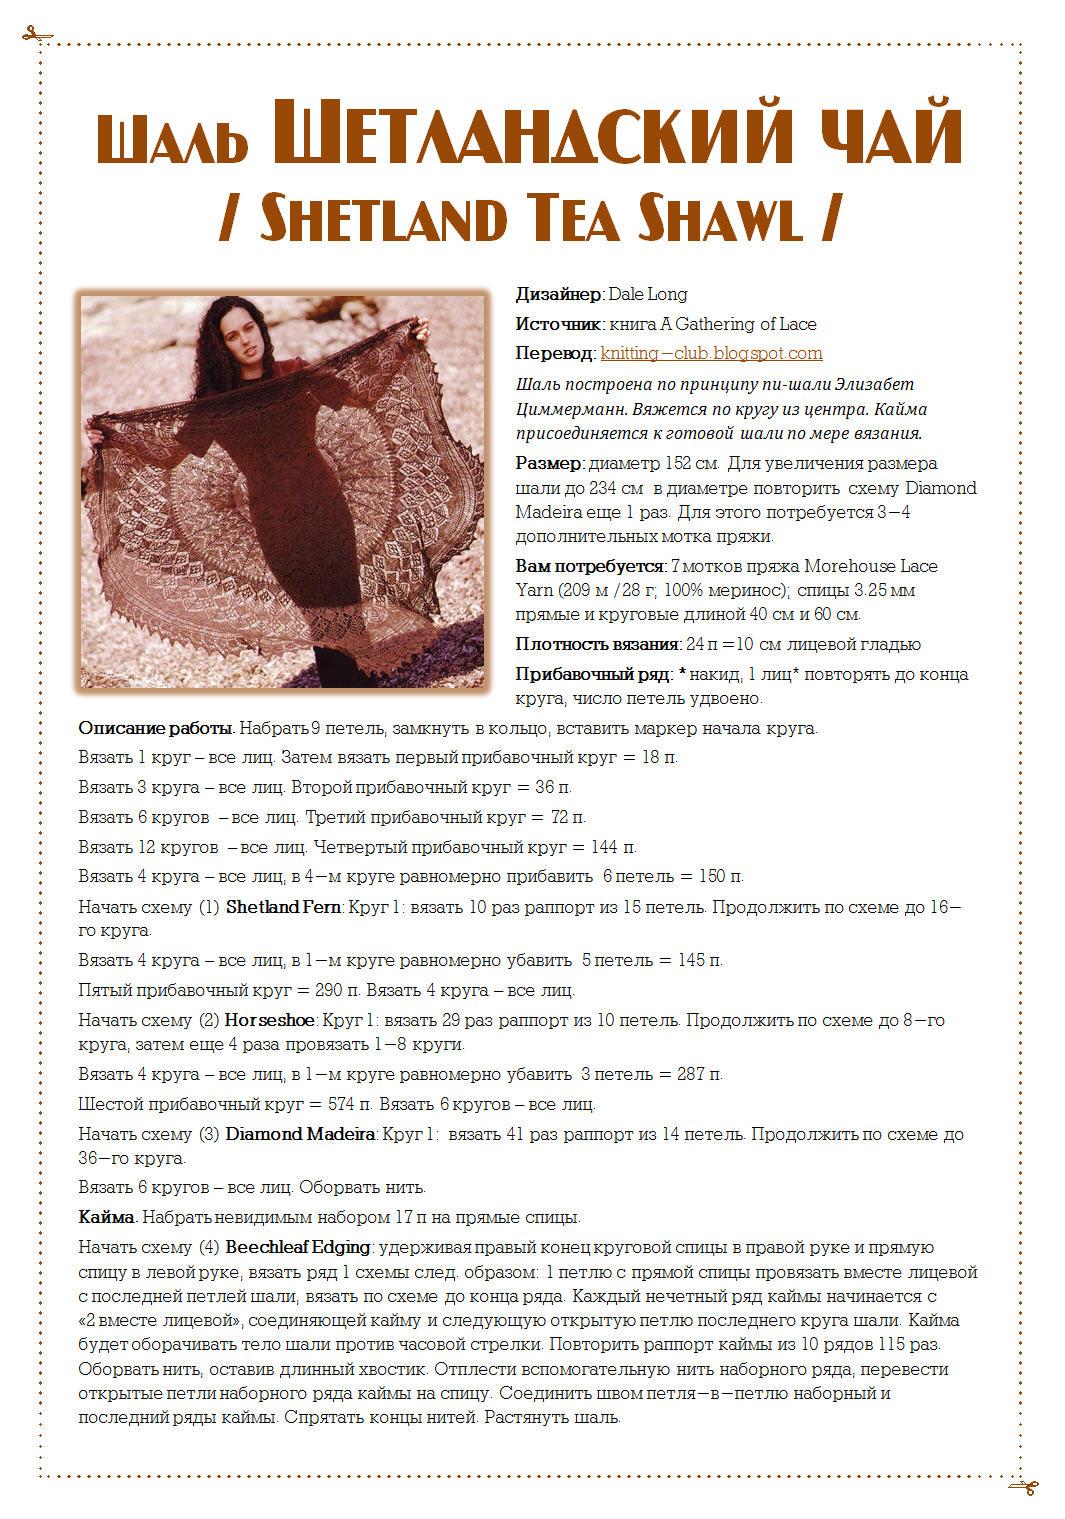 Вязание шали Харуни в подробном мастер-классе с описанием 21